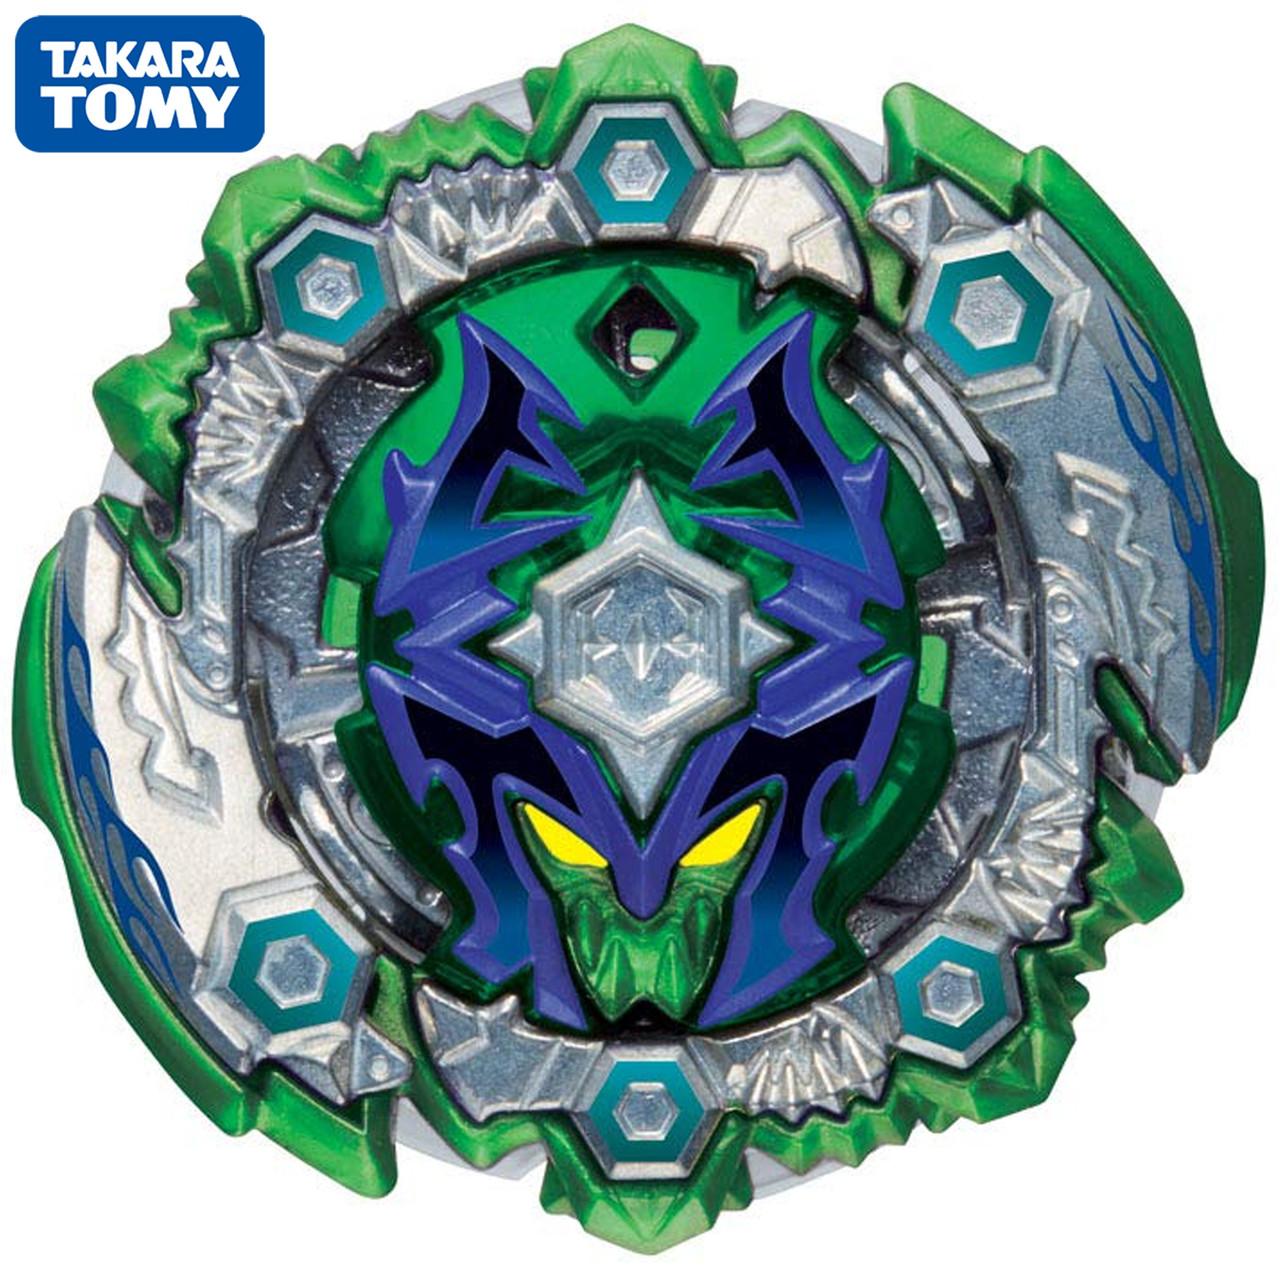 New Takara Tomy Beyblade BURST B-125 01 Dead Hades 11Turn Zephyr/'